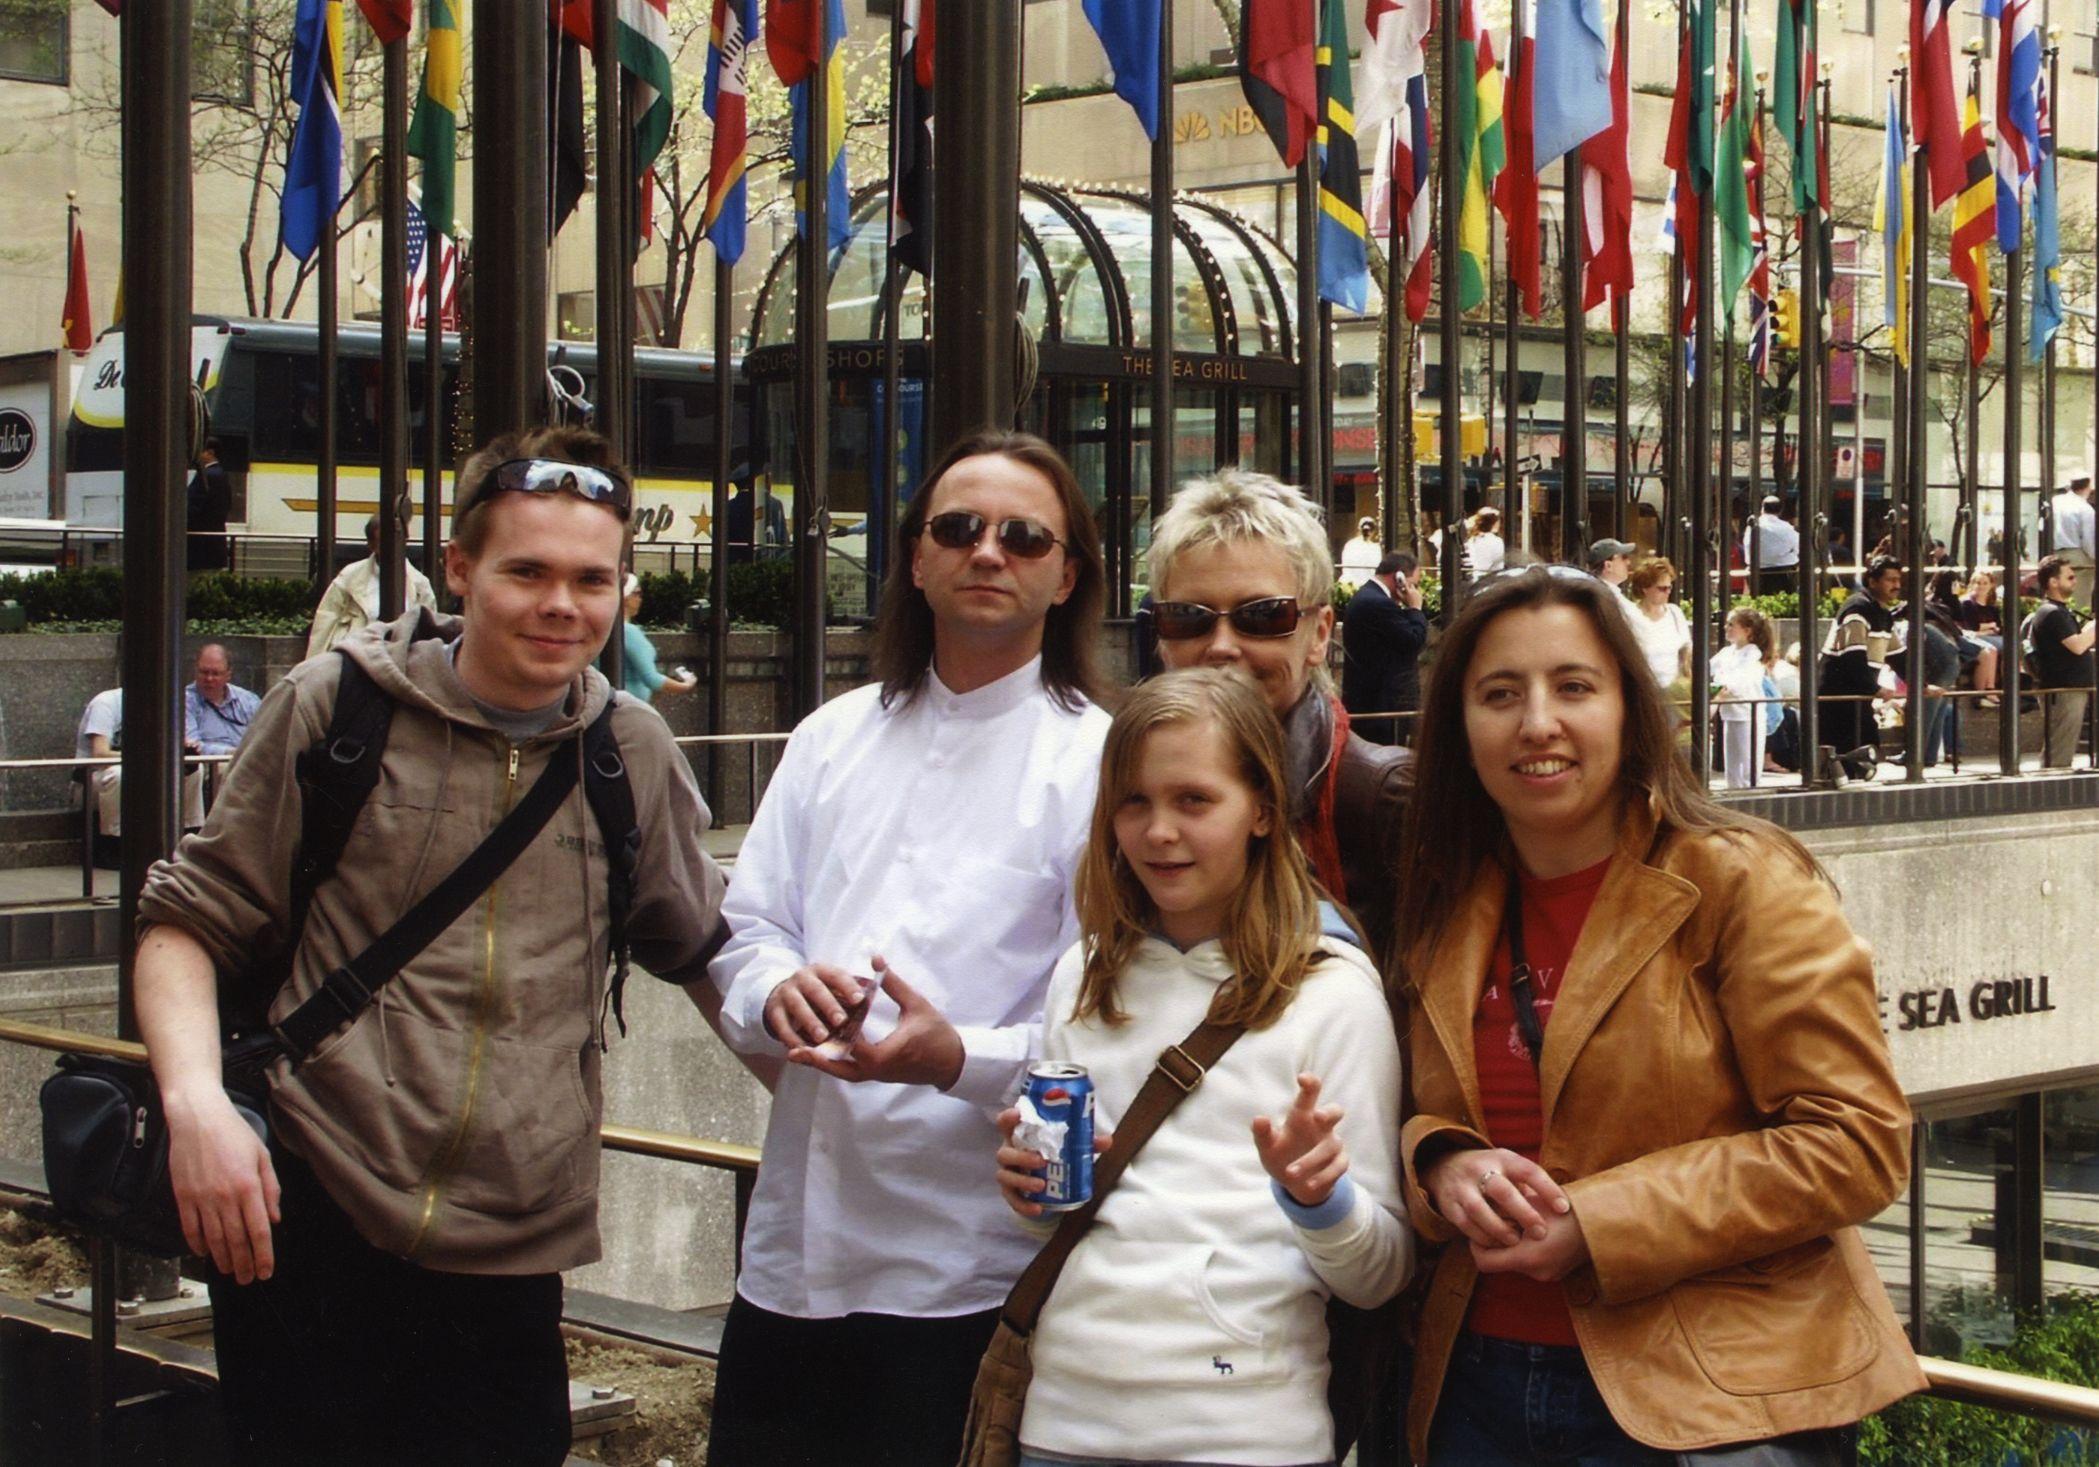 Wyjazd z ekipą muzyczno- fundacyjną, Nowy Jork (fot. archwium prywatne Ewy Błaszczyk)